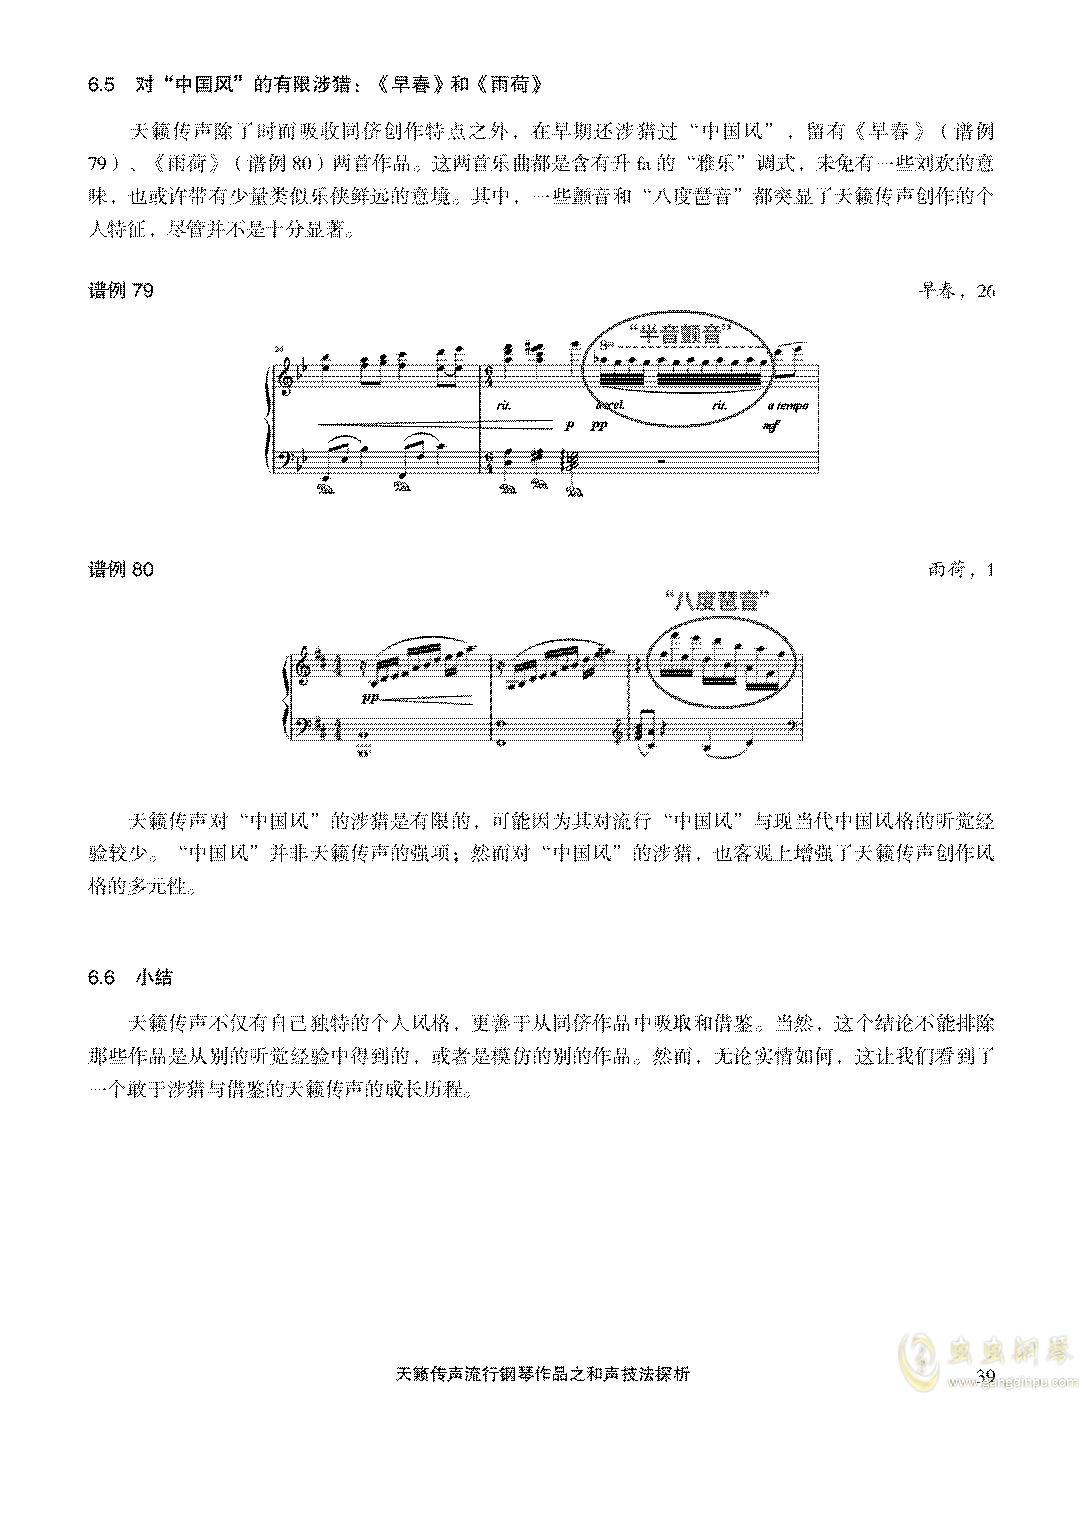 天籁传声和声技法探析澳门星际官网 第39页